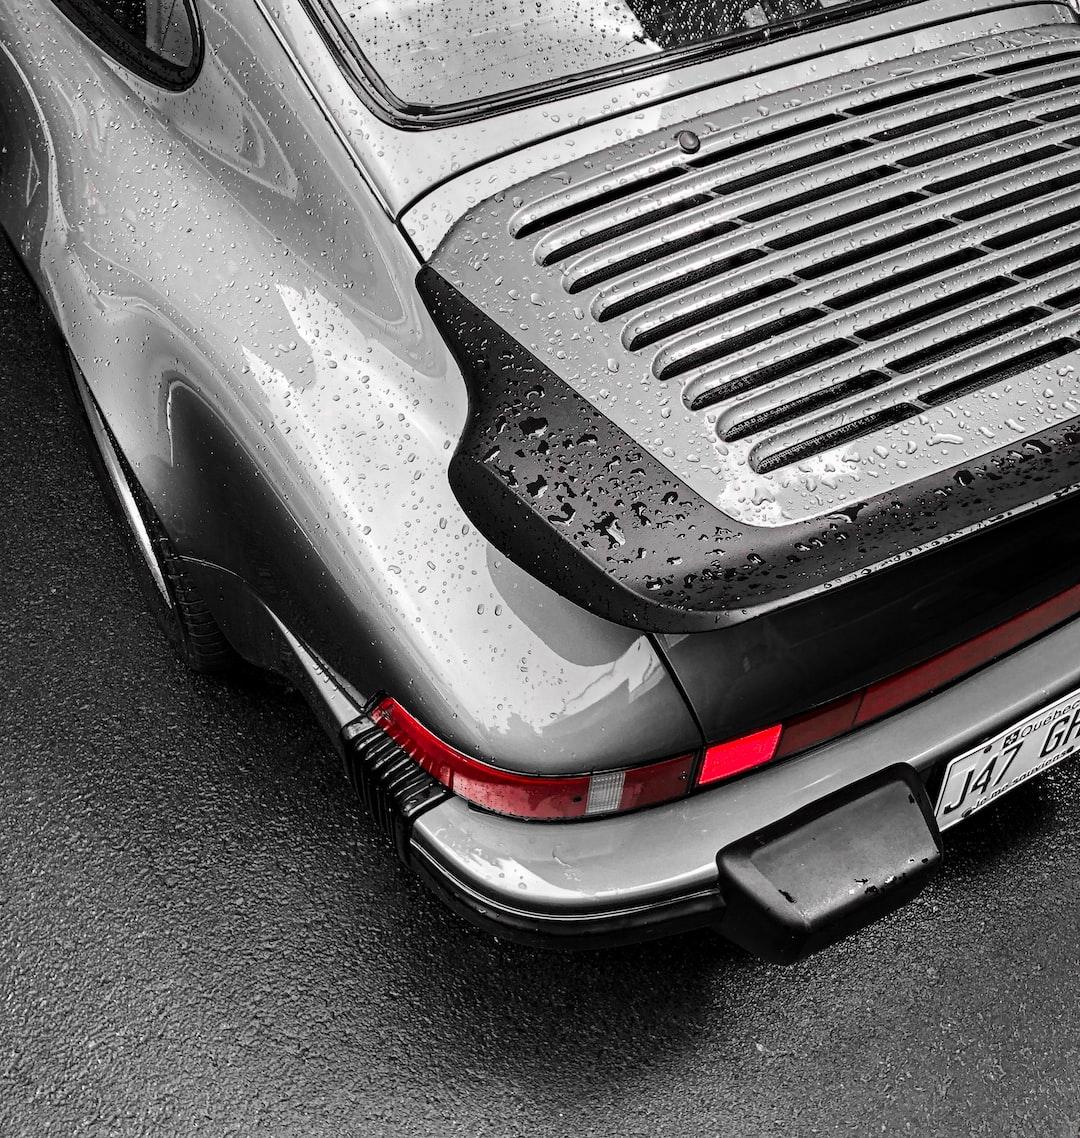 Wet old Porsche in Quebec City